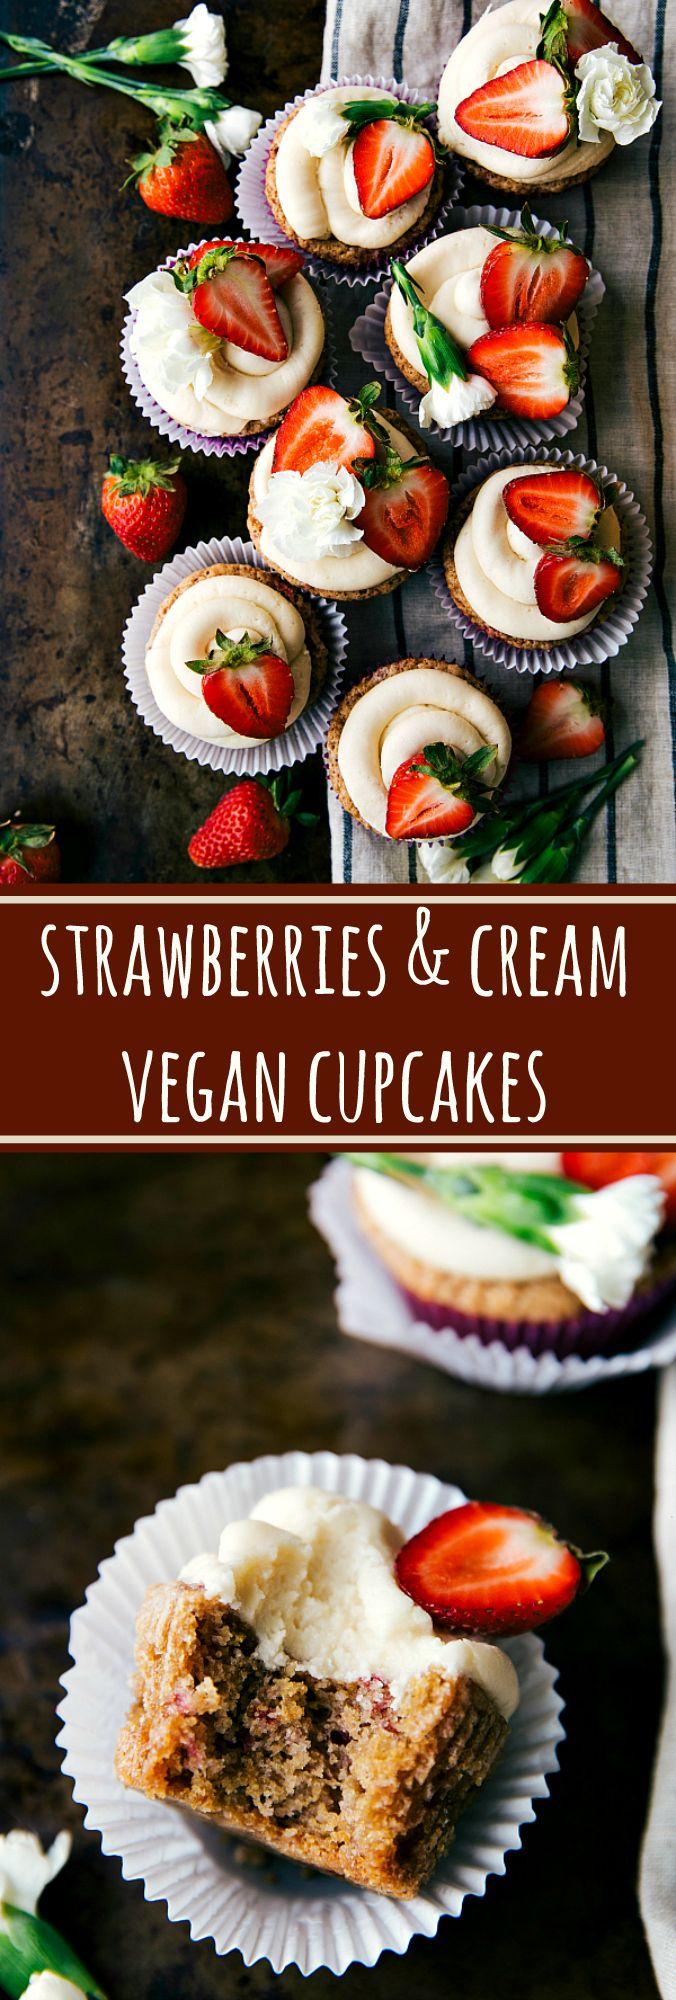 Delicious strawberries and cream vegan cupcakes